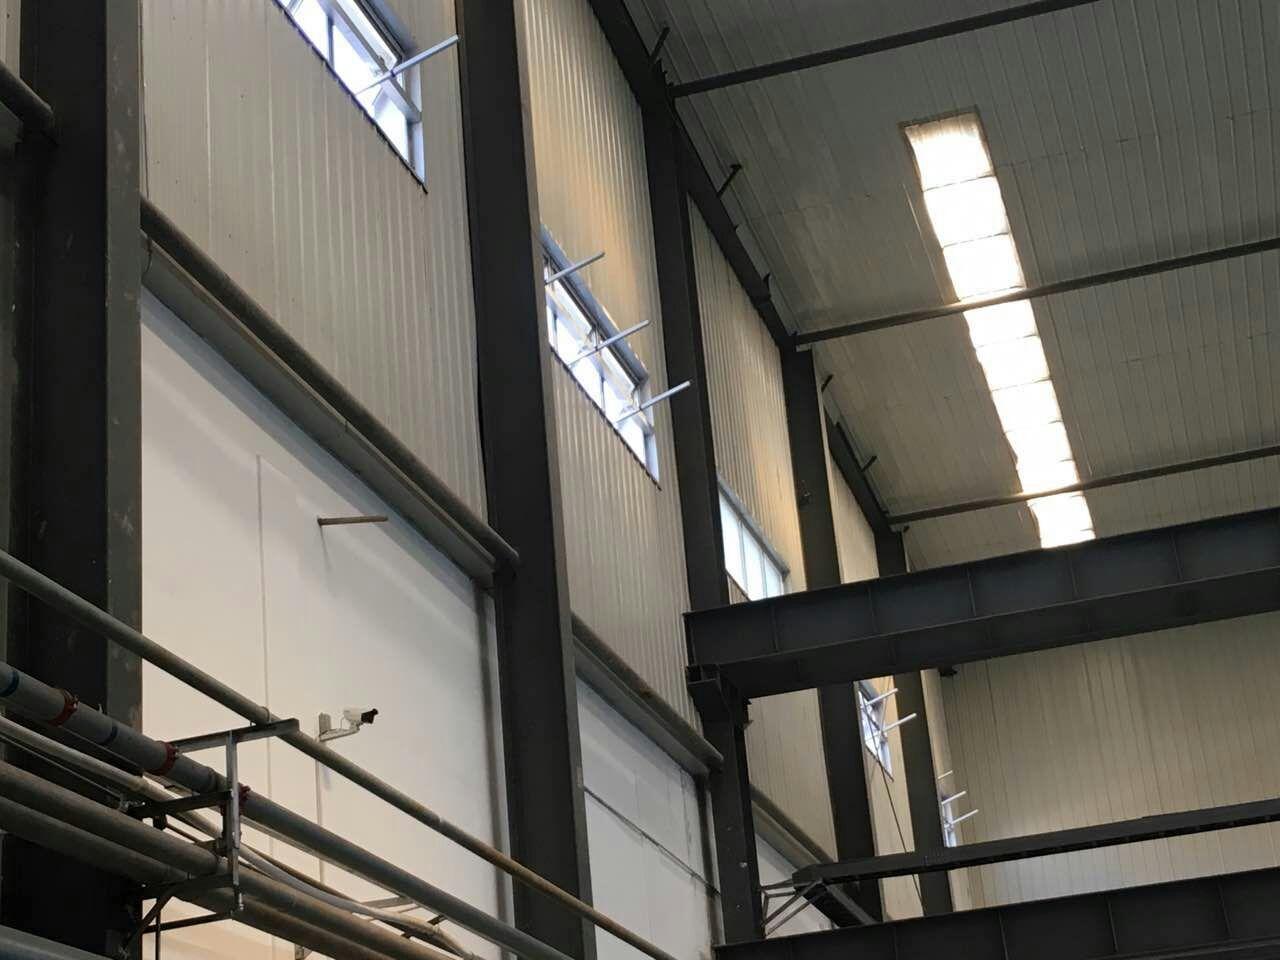 考泰斯(长春)塑料技术限公司消防排烟窗项目